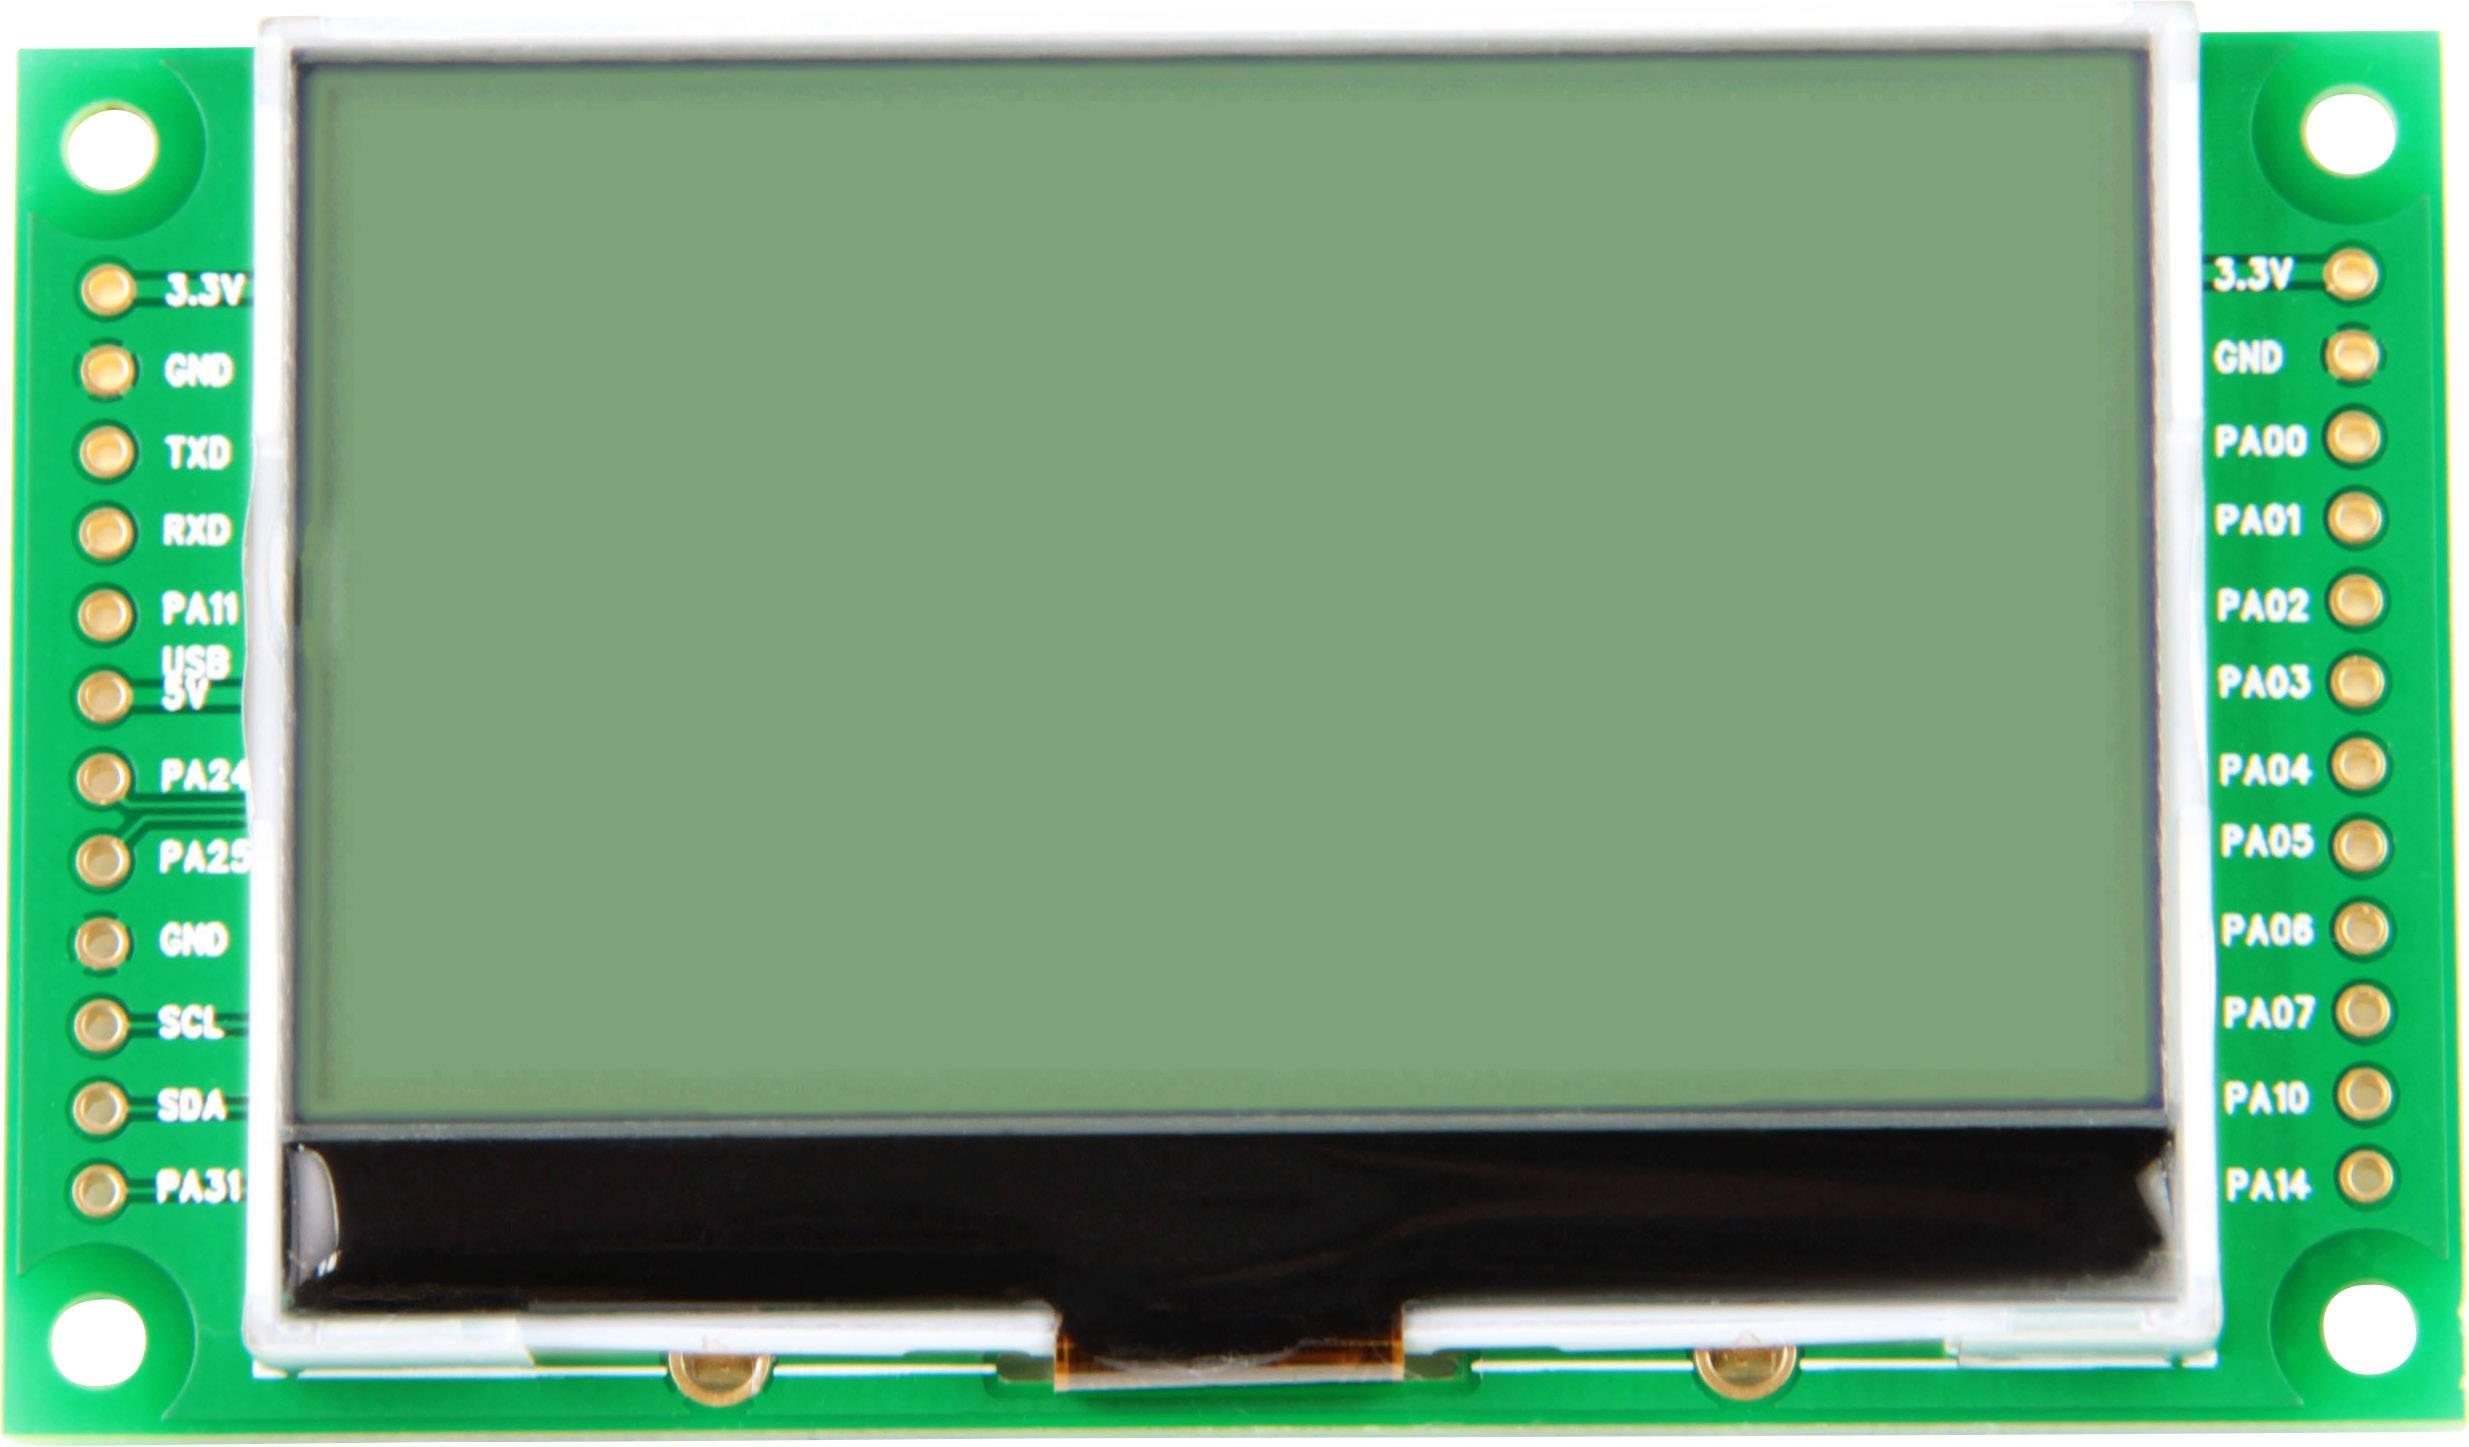 LCD displej Taskit LCD_Term25 545961, 128 x 64 pix, (š x v x h) 74.4 x 6.8 x 43.2 mm, černá, světle zelená